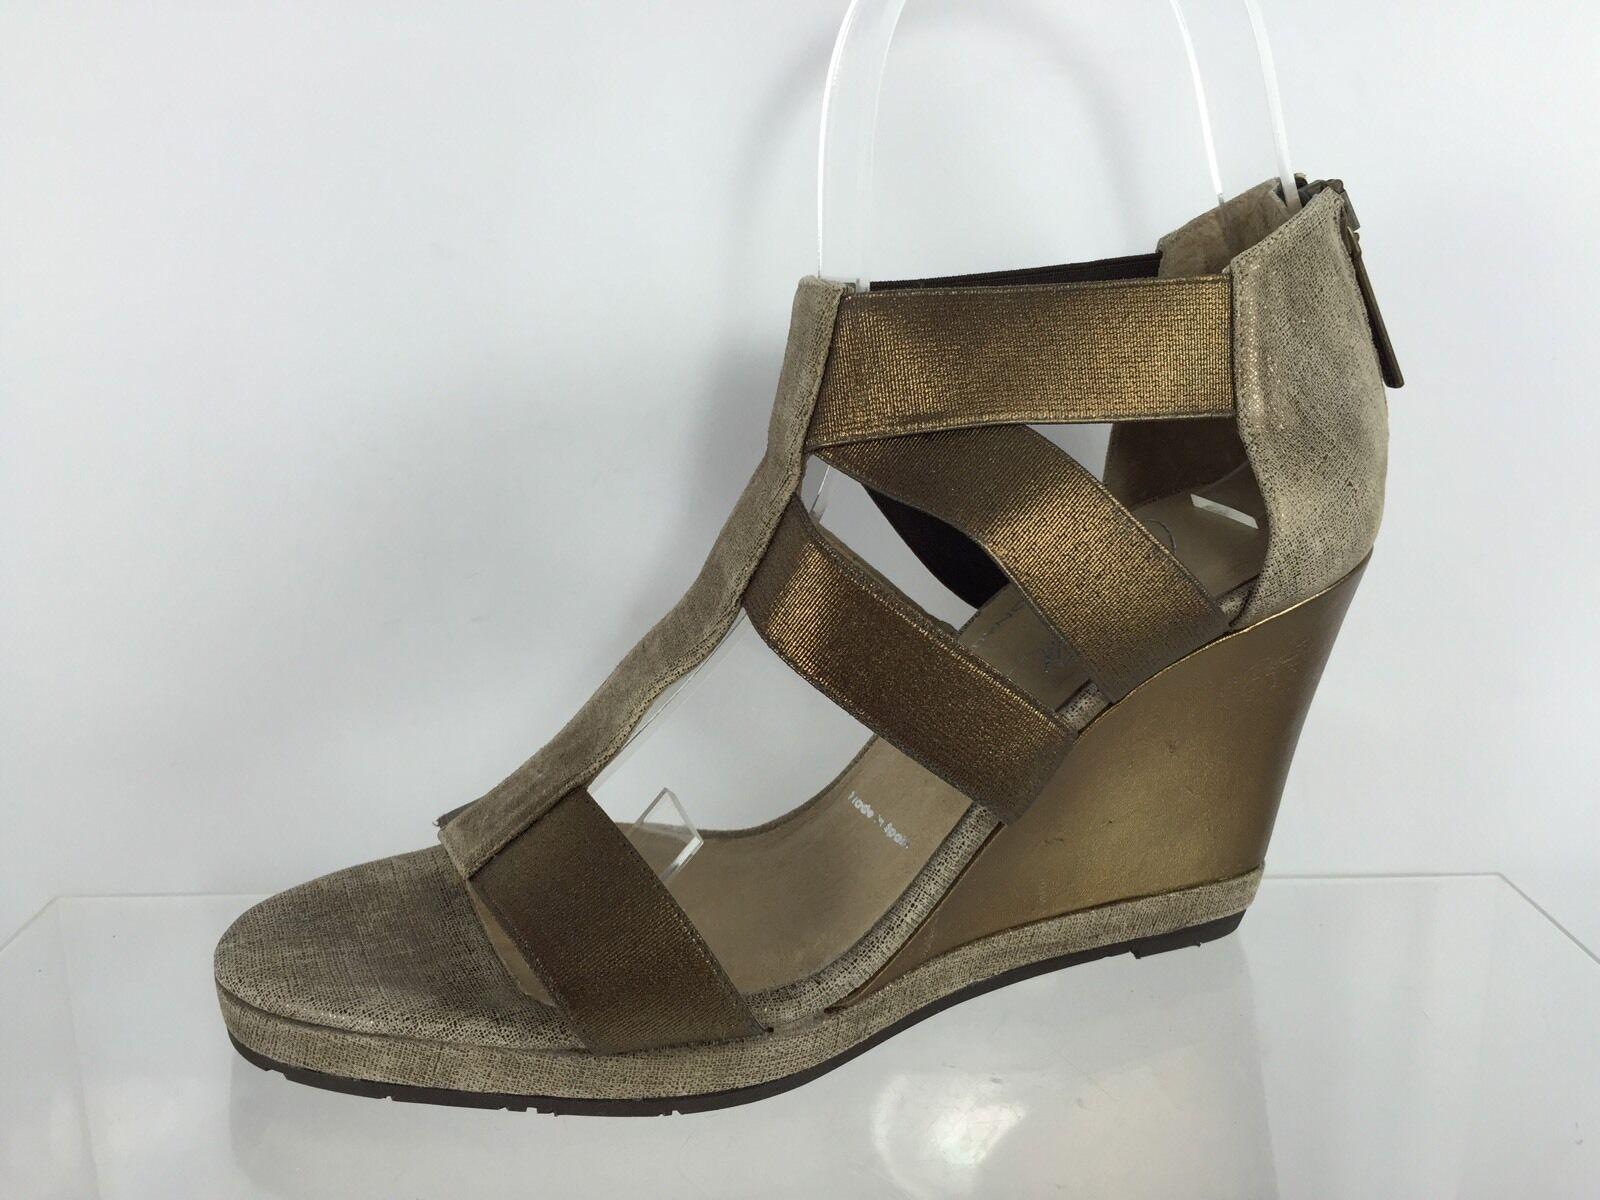 Donald J Pliner Damenschuhe Bronze/Beige Bronze/Beige Bronze/Beige Sandales 6 M 23a680